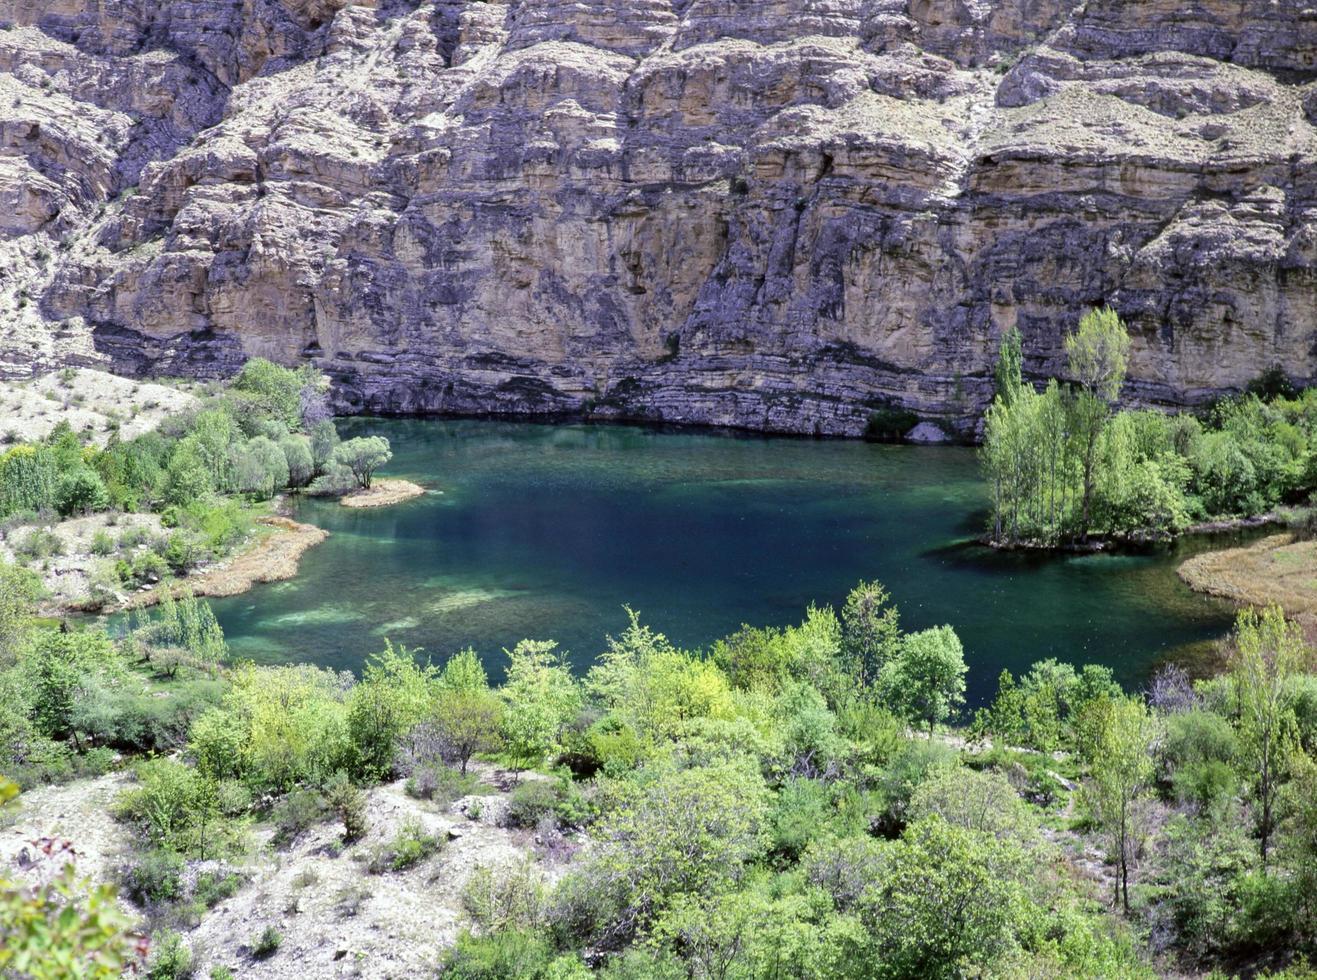 Blick auf den Osten der Türkei, Seen, Berge, Flüsse. foto